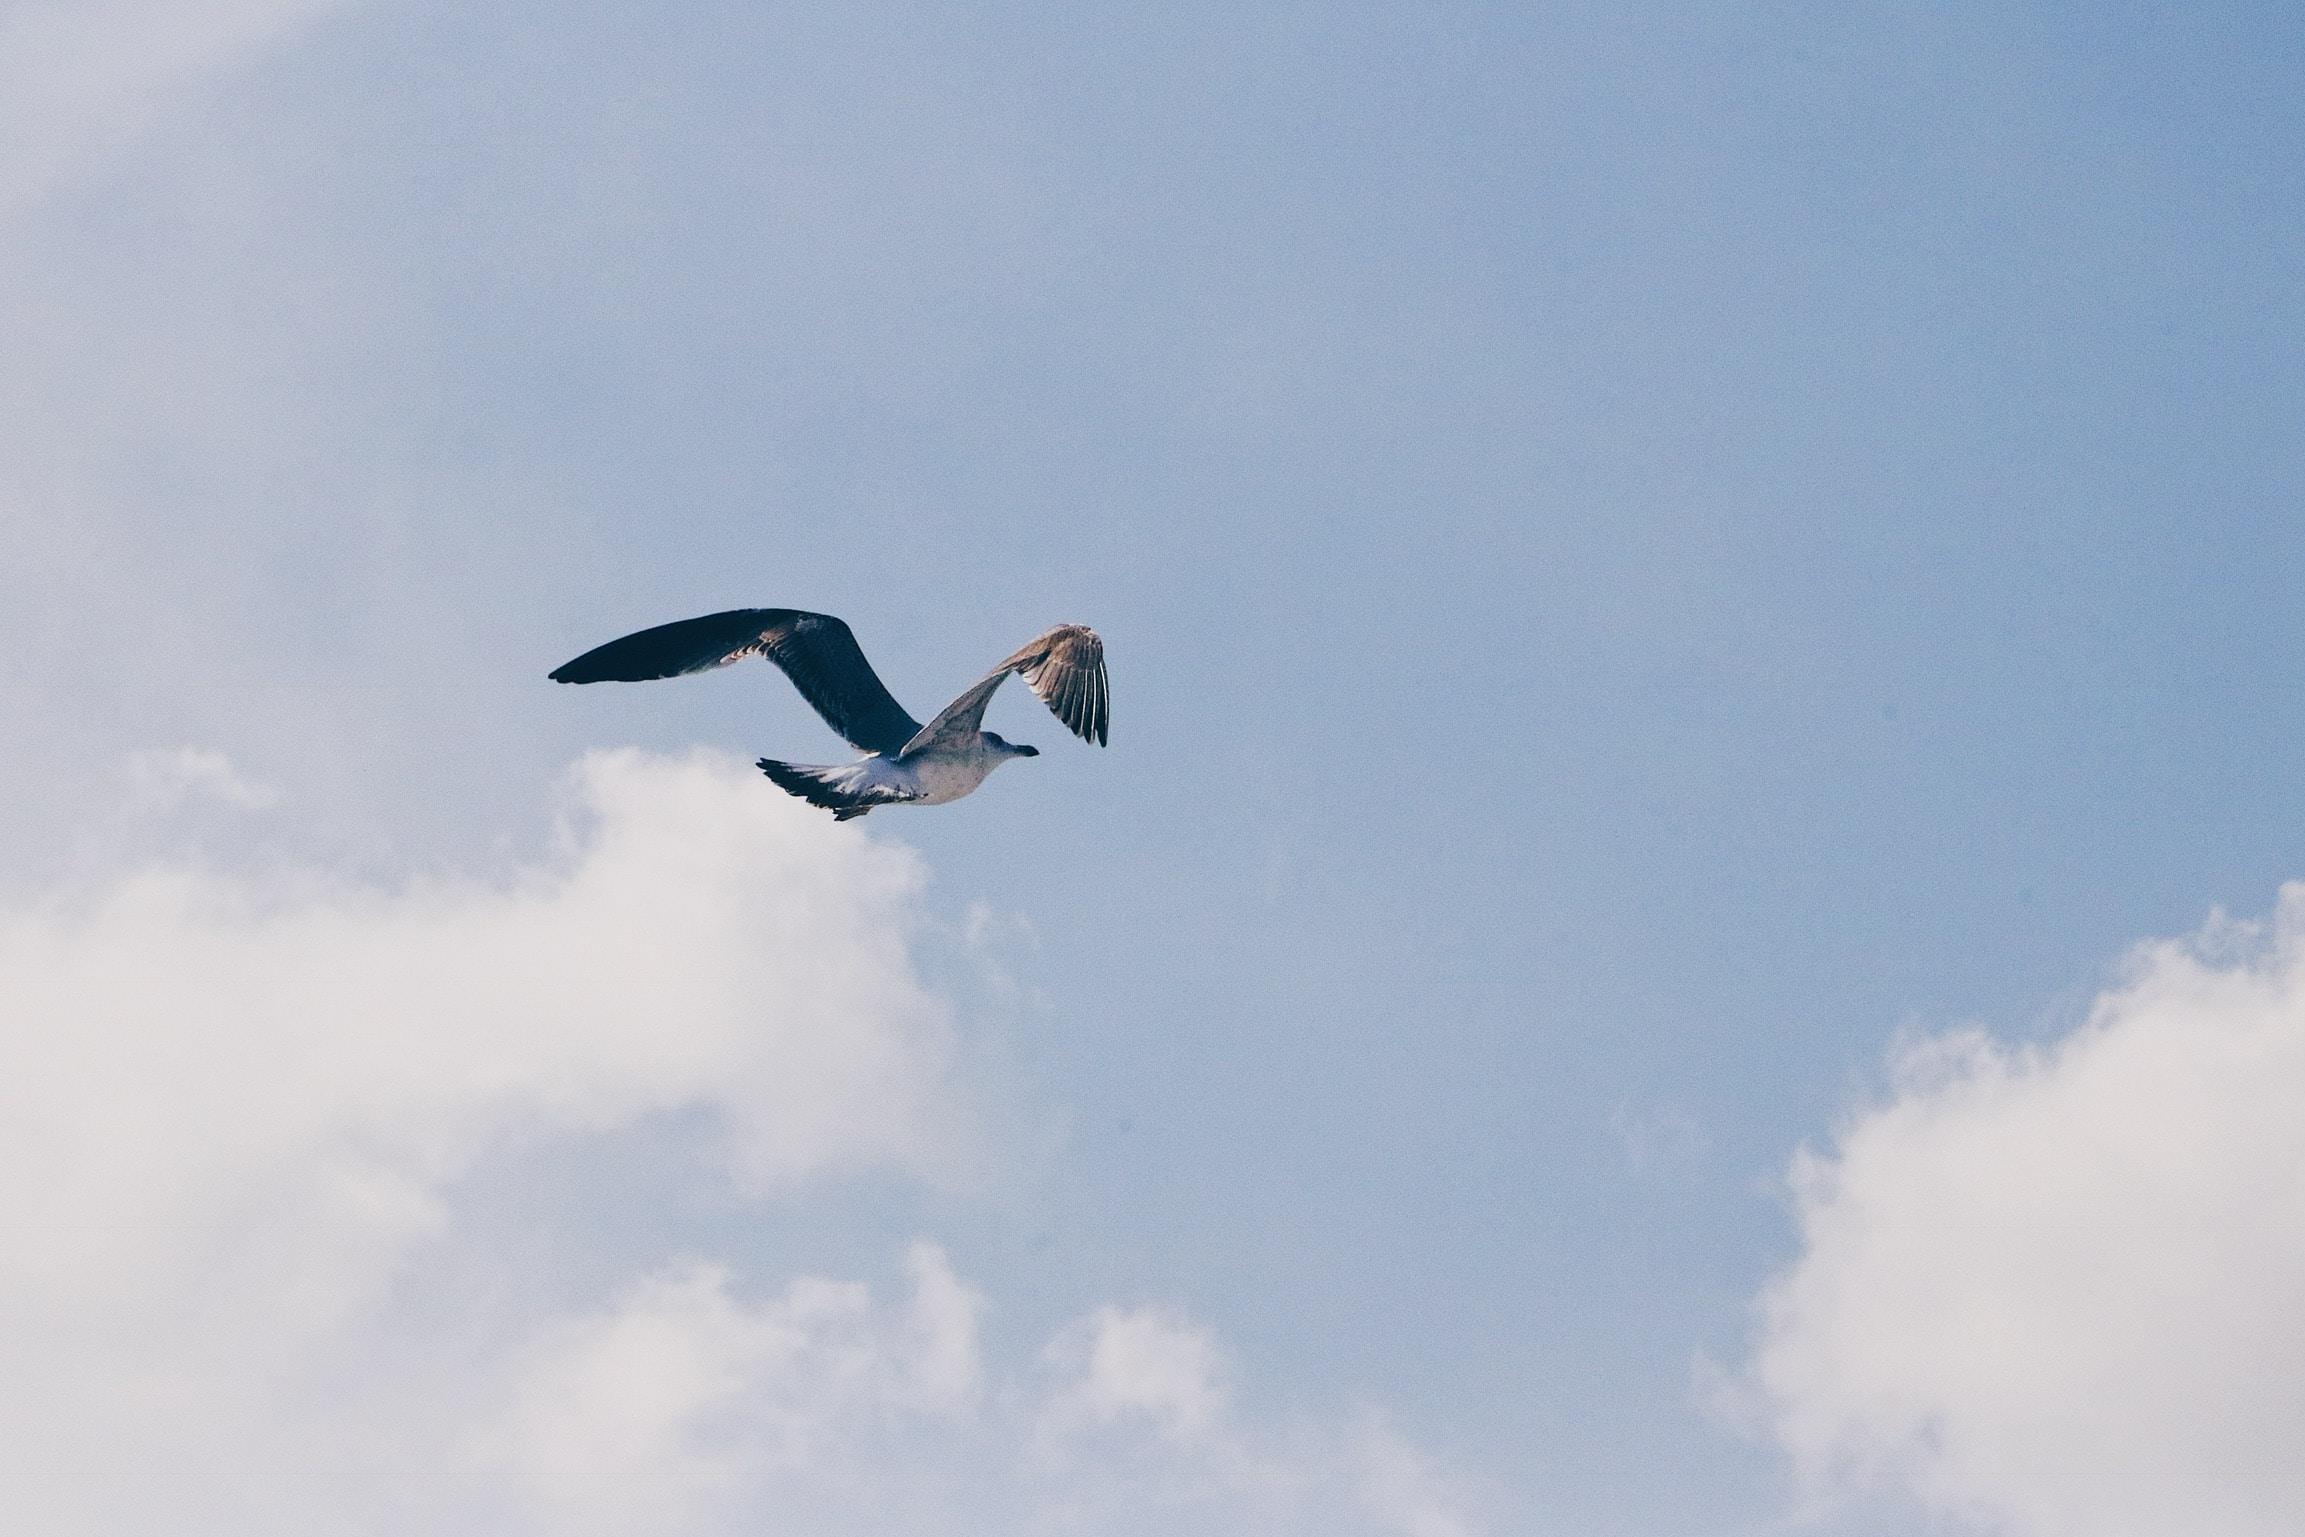 bird flying under white clouds